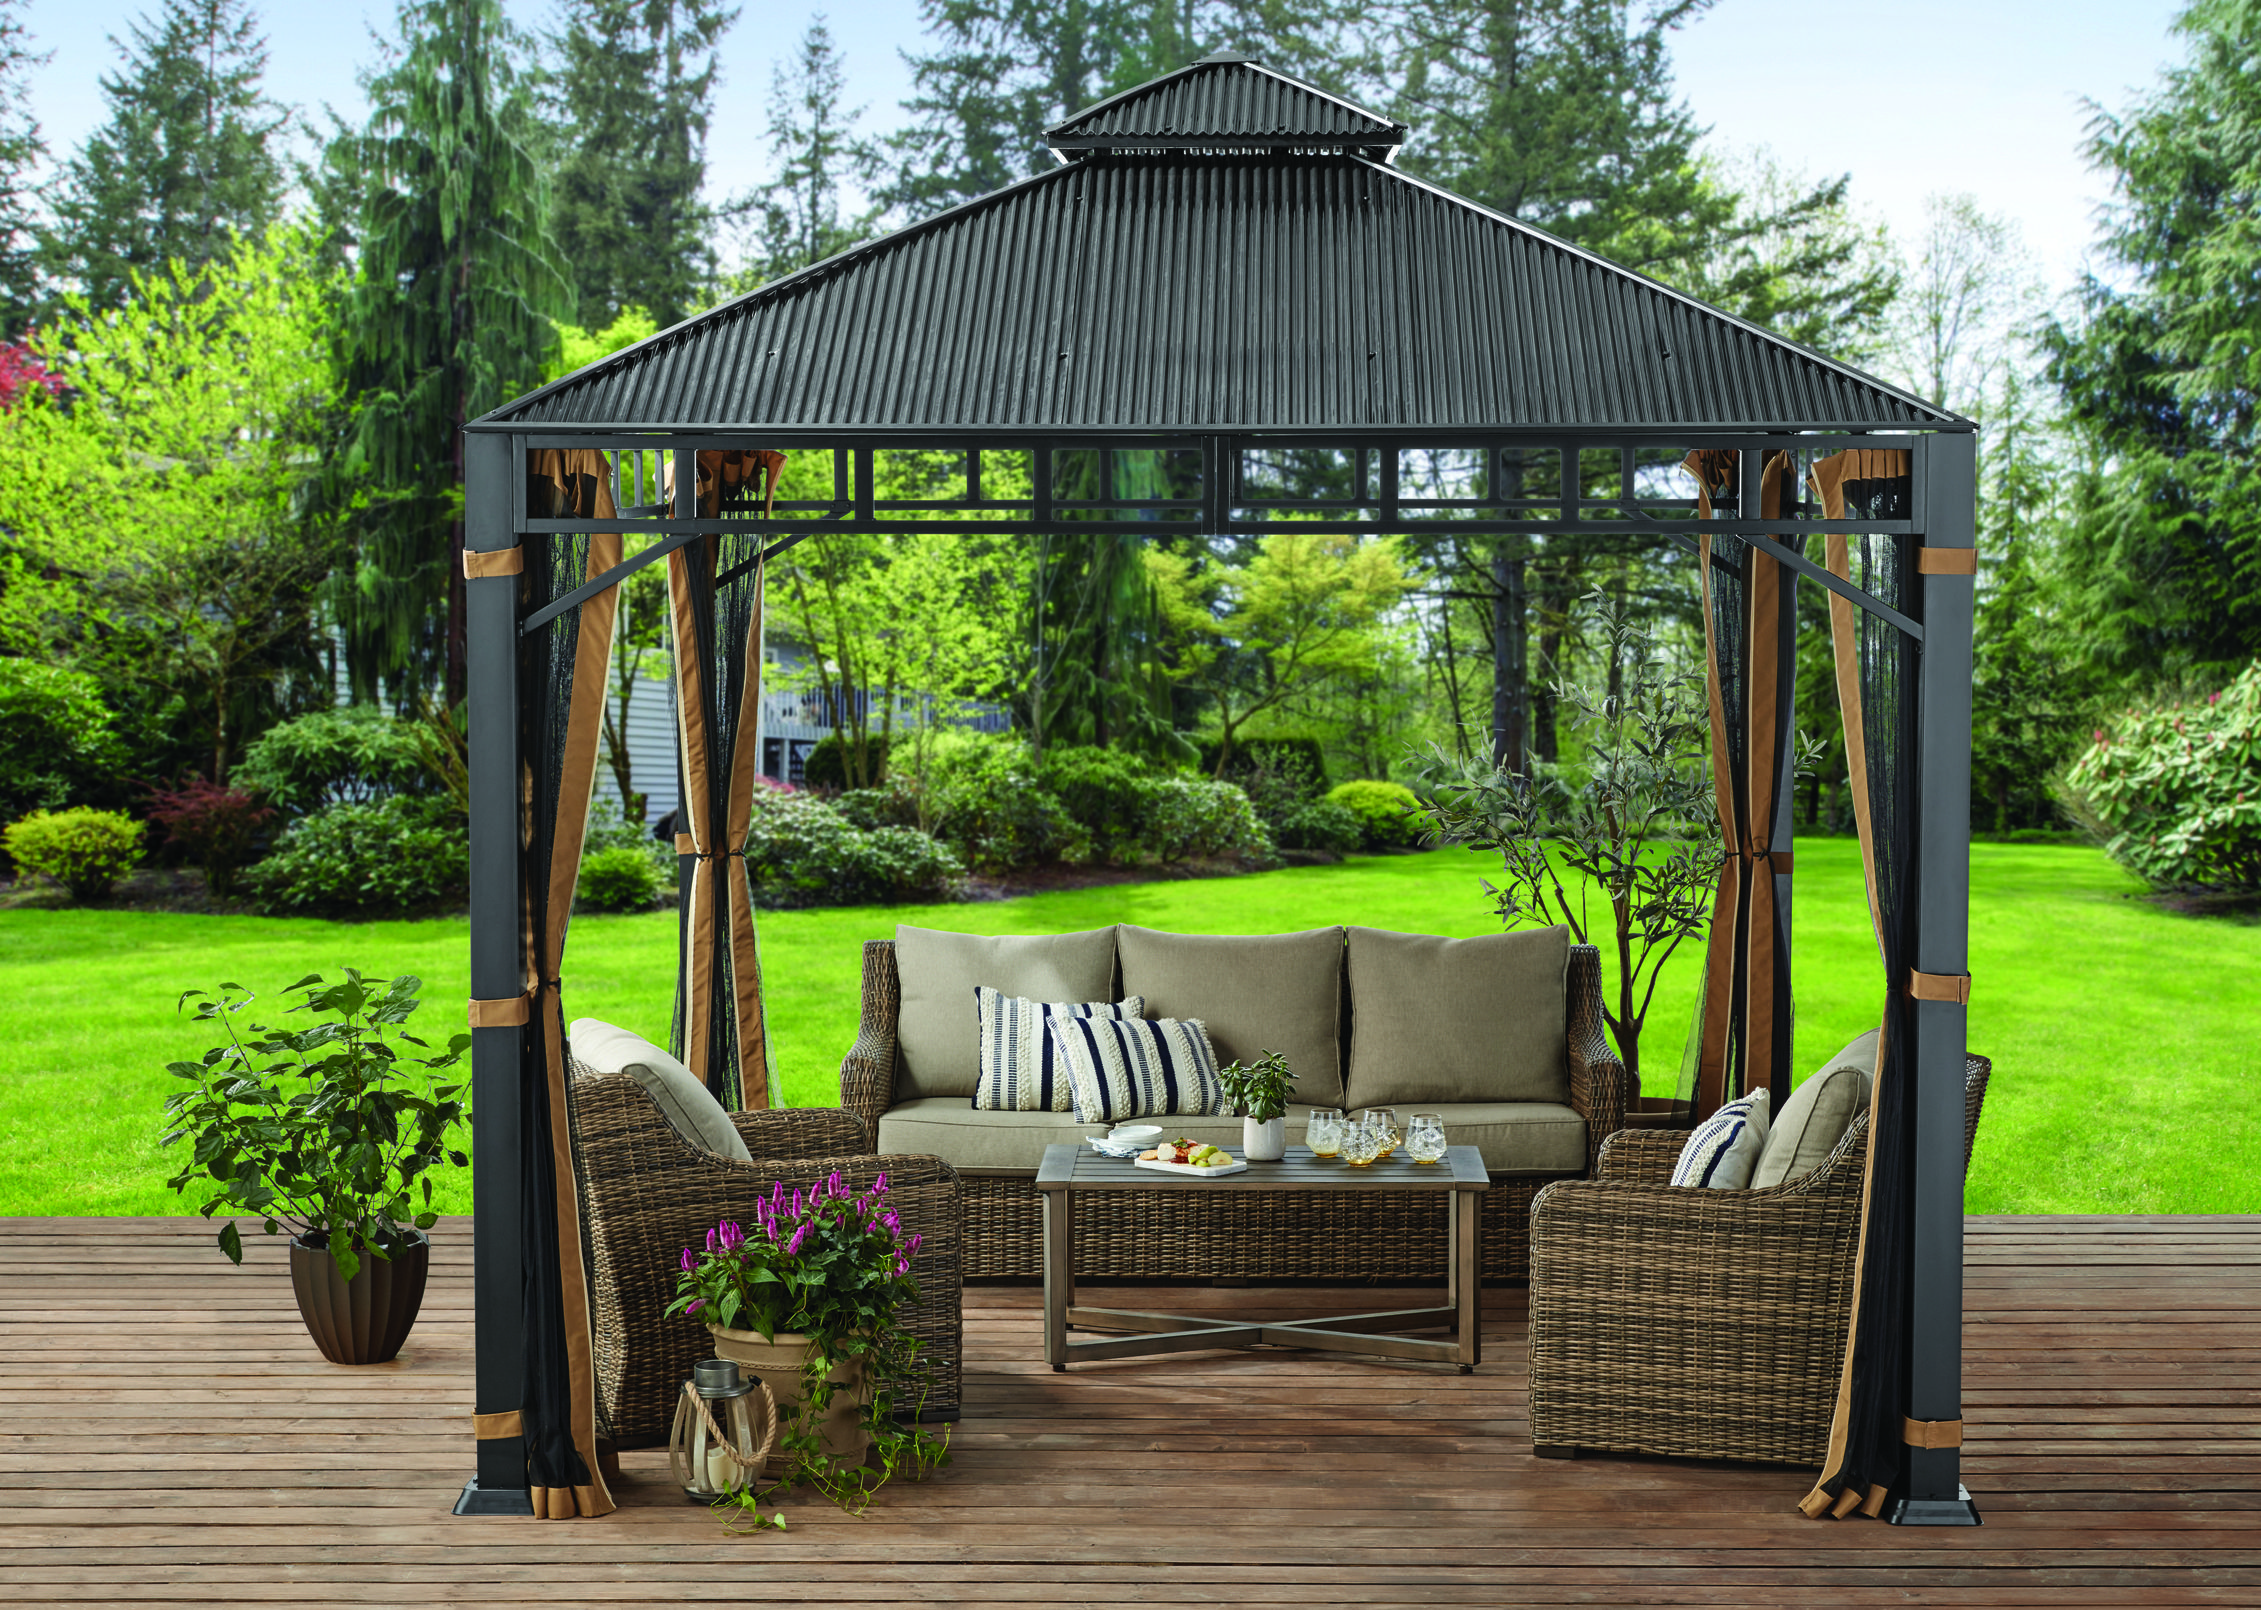 45508b90ca7ac75c6d42fb37e7eb464d - Better Homes And Gardens Sullivan Ridge Hardtop Gazebo With Netting